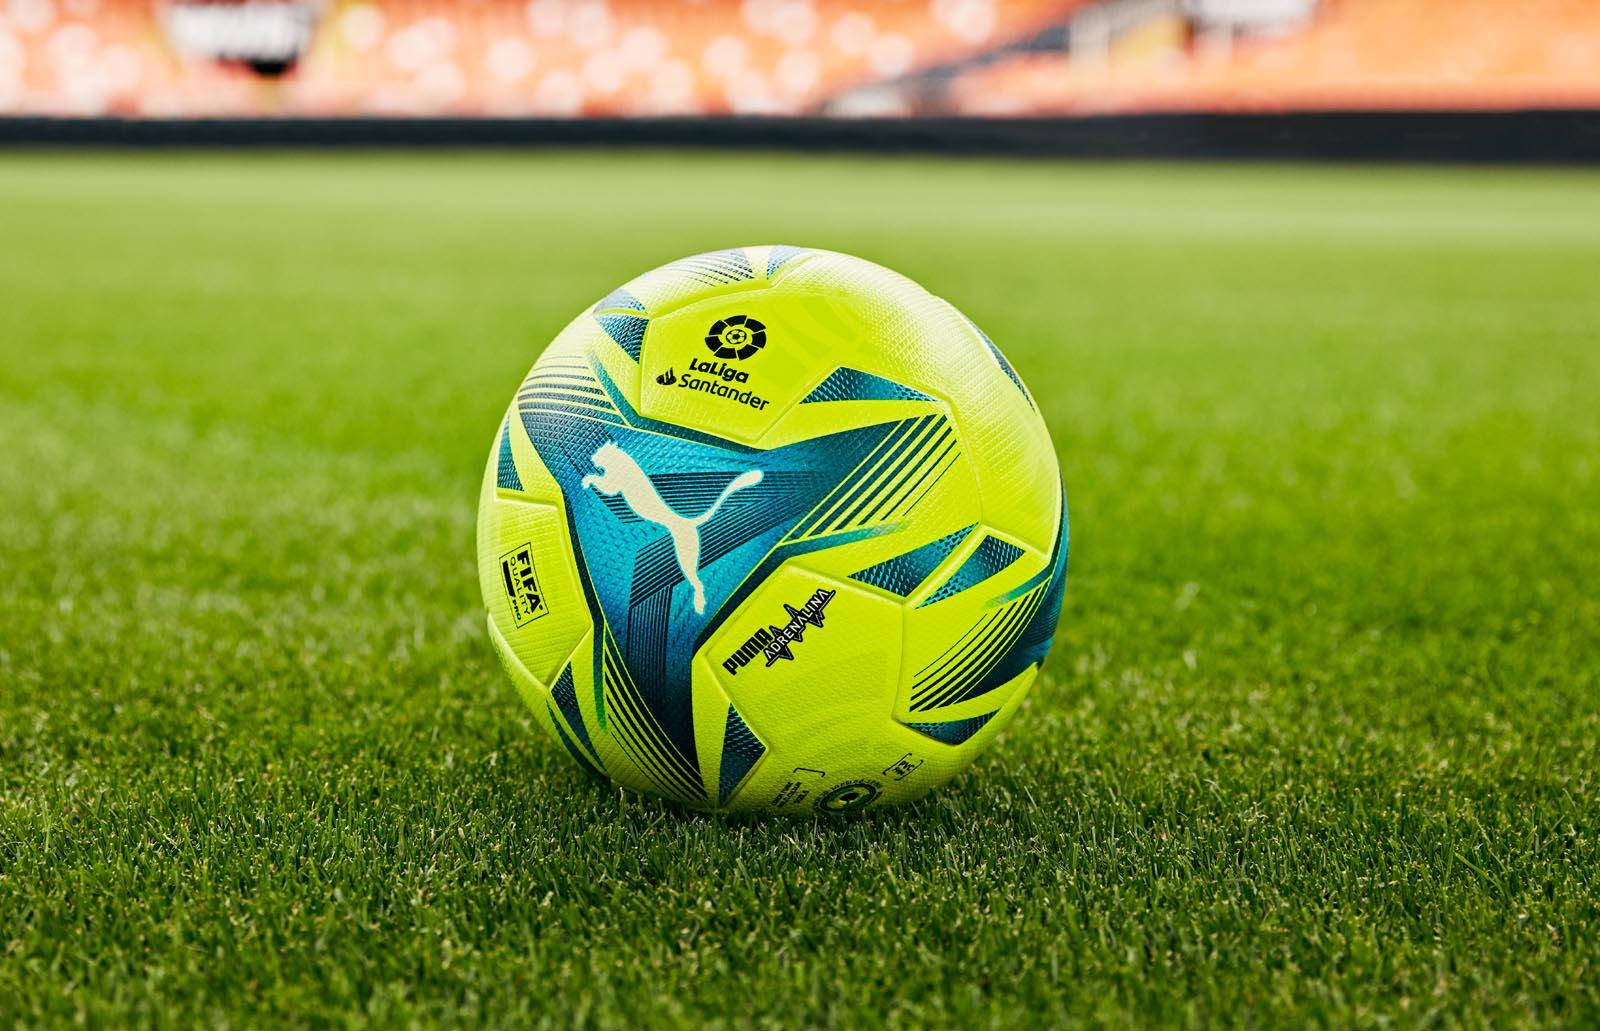 Oprema: Lopta za velike utakmice